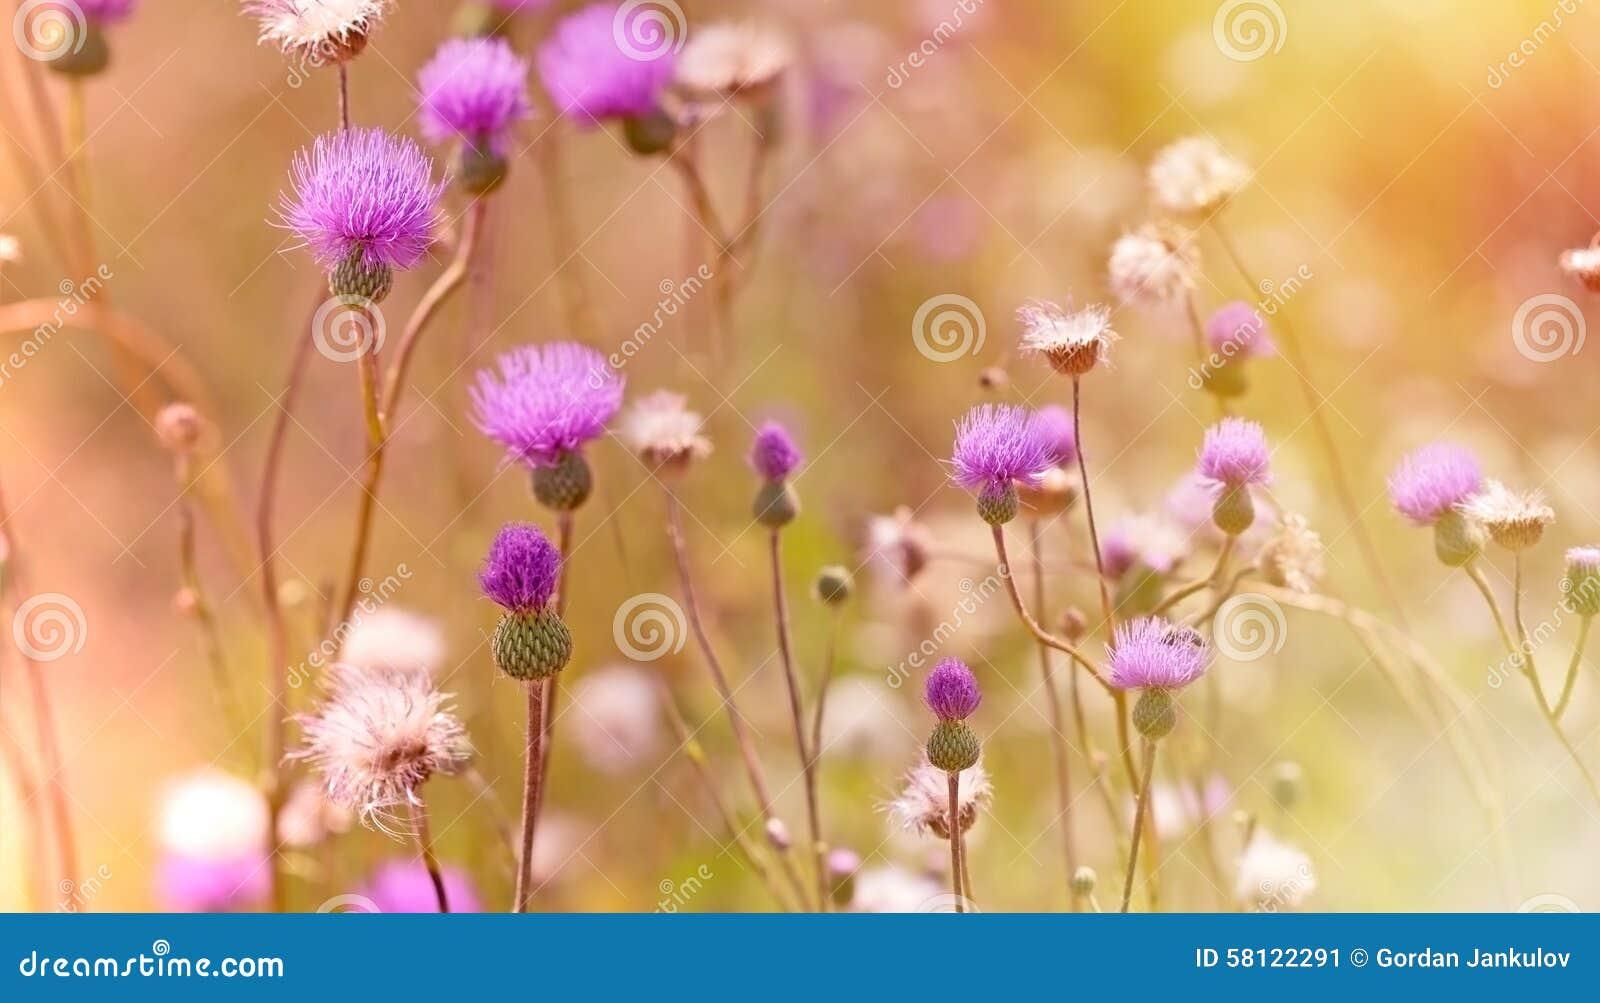 Flowering, blooming thistle - burdock